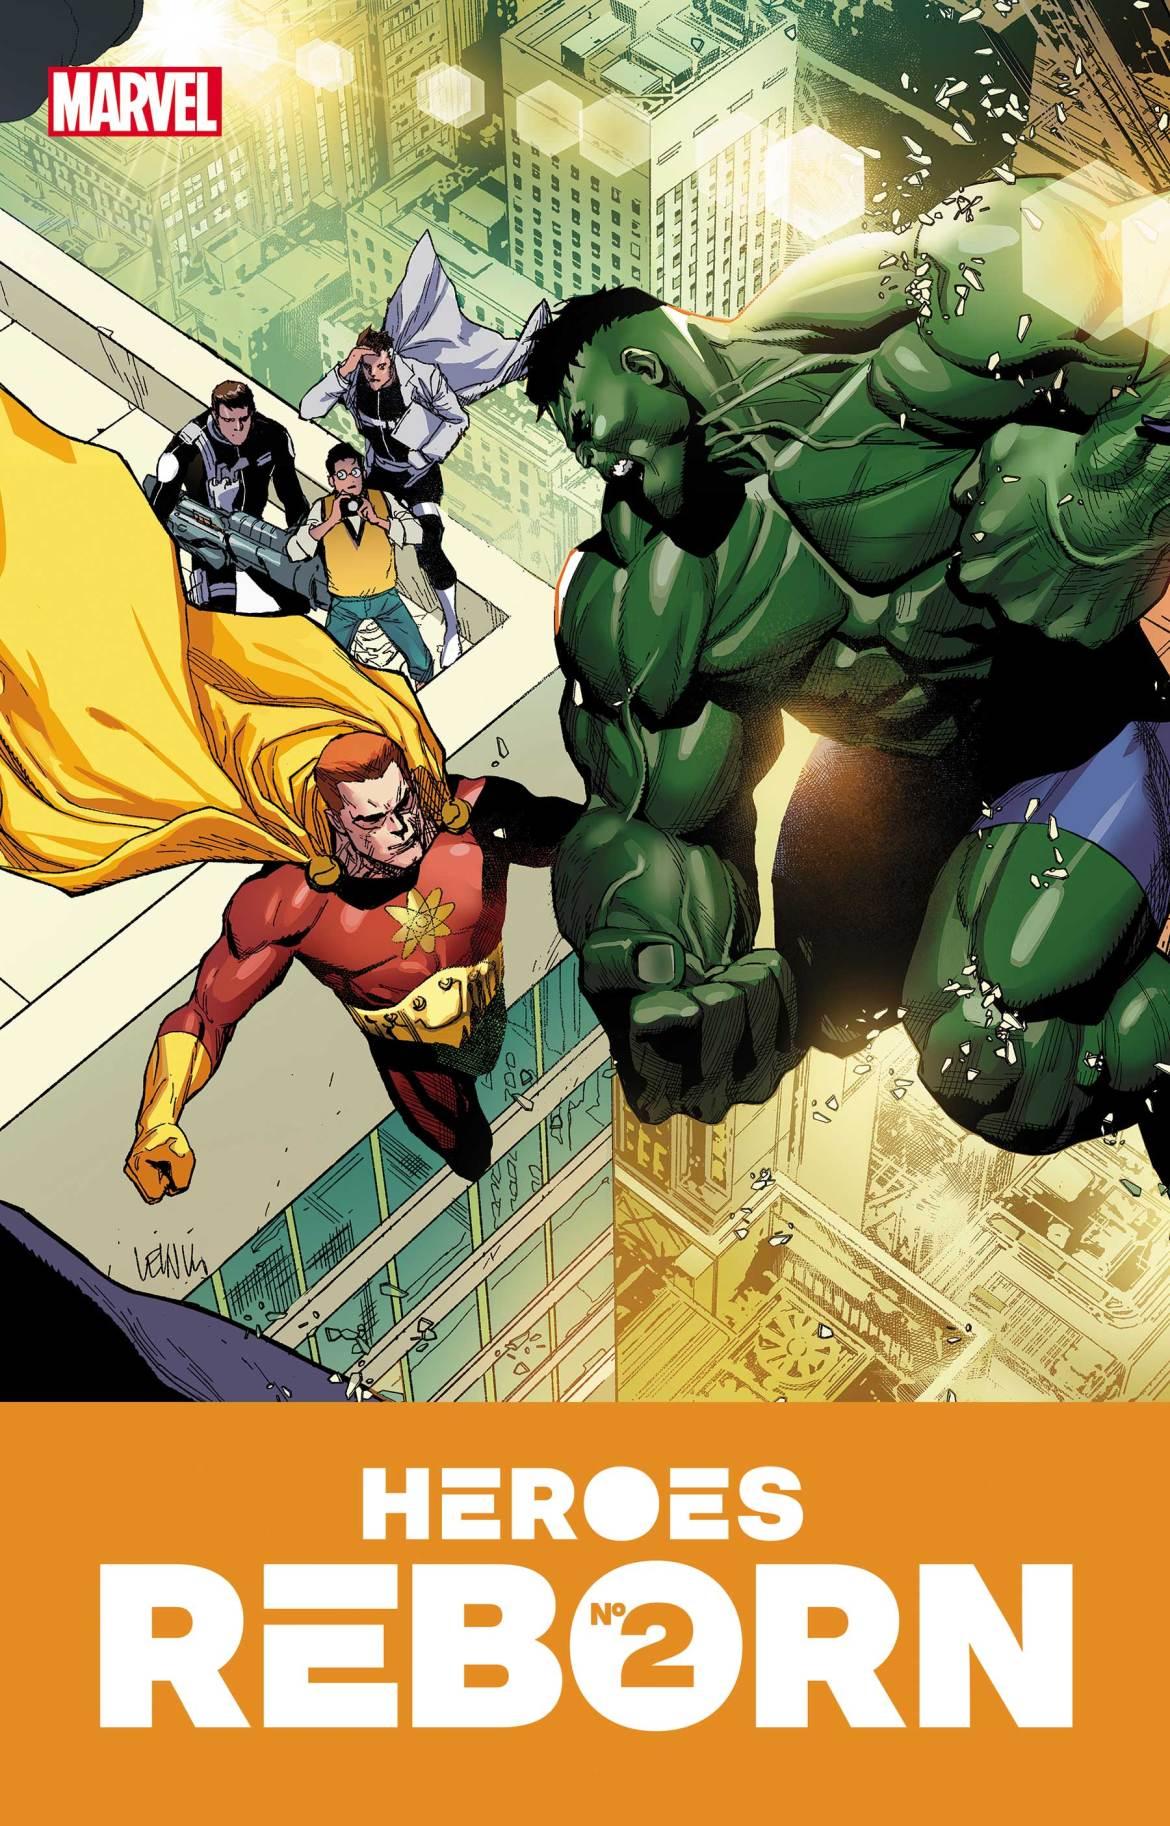 HEROESREBORN2021002 Marvel Comics May 2021 Solicitations